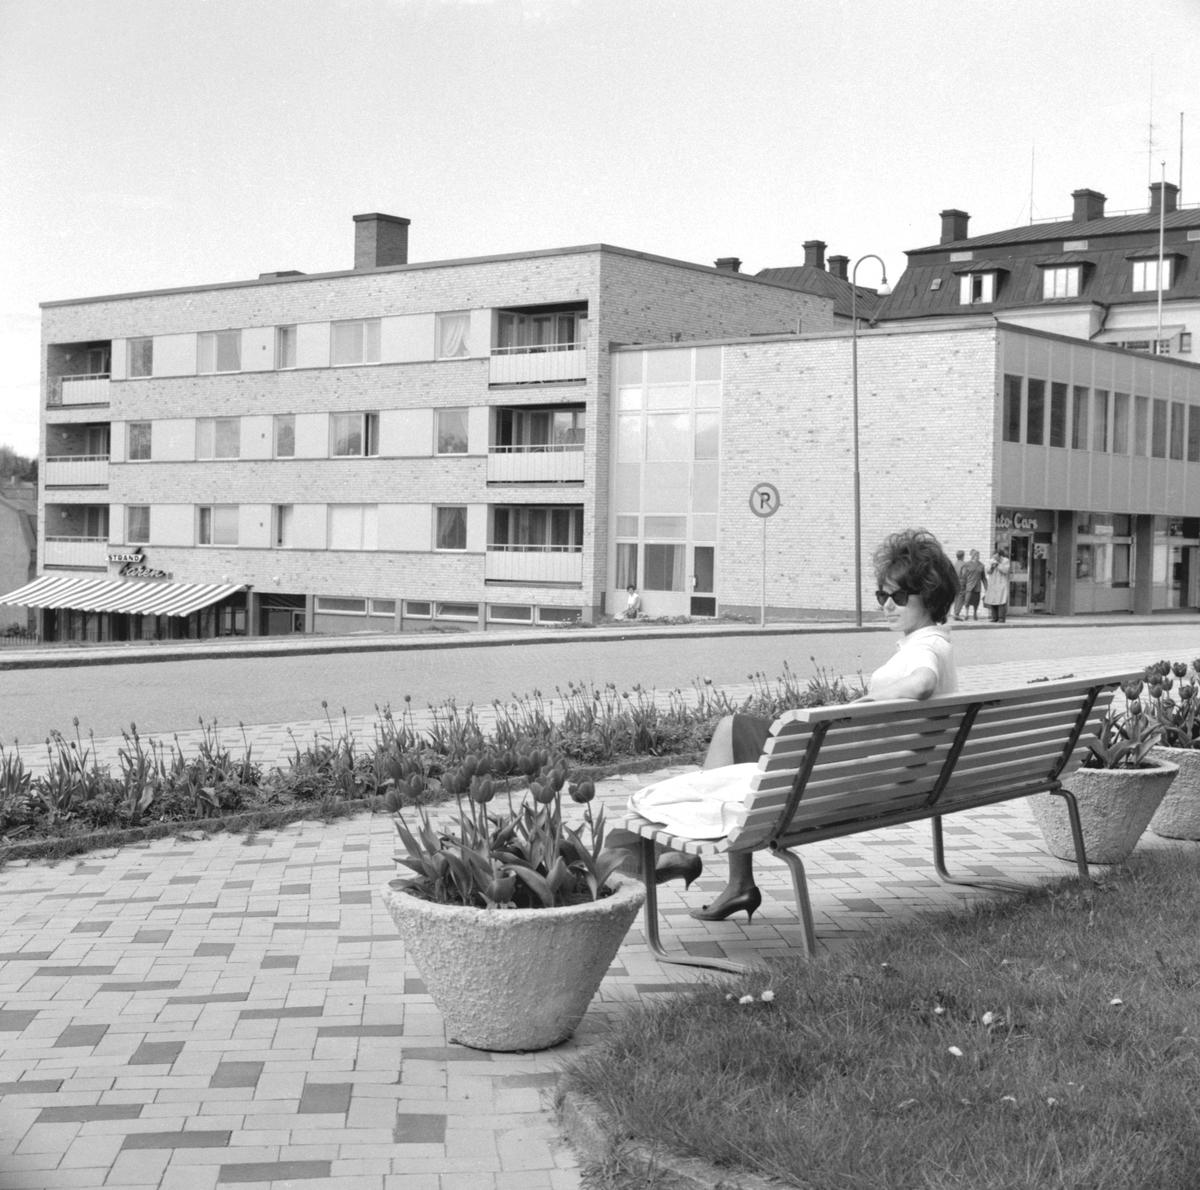 Parti av Mjölby en vårdag 1961. Platsen är närmare bestämt Kyrkogatan med blickfång mot kvarteret Domaren.